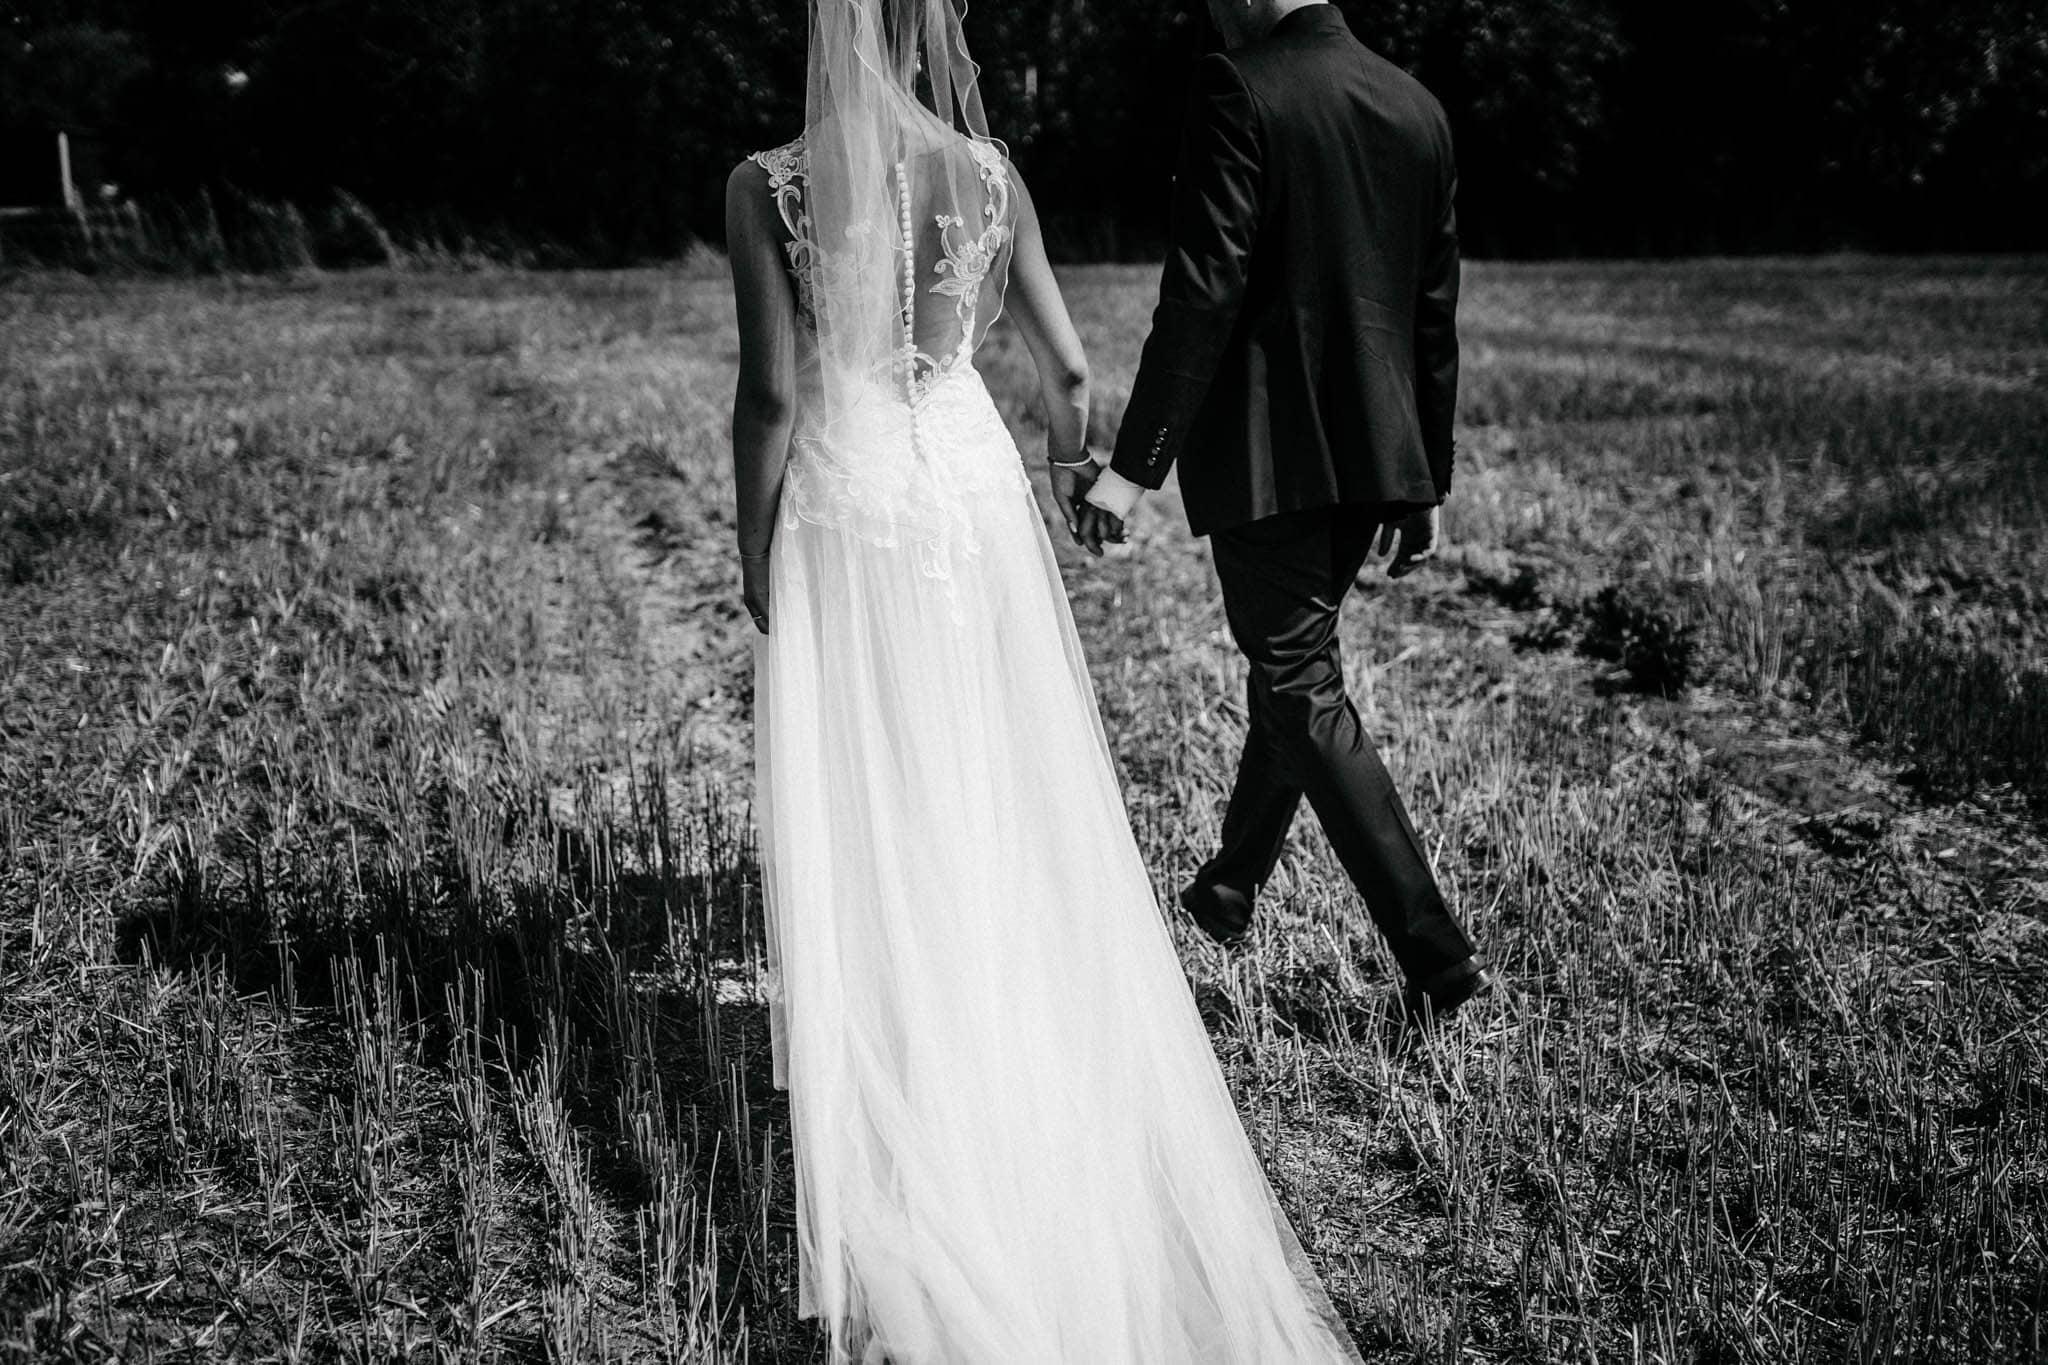 Hochzeitsfieber by Photo-Schomburg, Hoichzeitsfotograf, Hamburg, Wedding, Weddingtime, Hochzeitspaar, Braut, Bräutigam, Hochzeit im Norden,-86